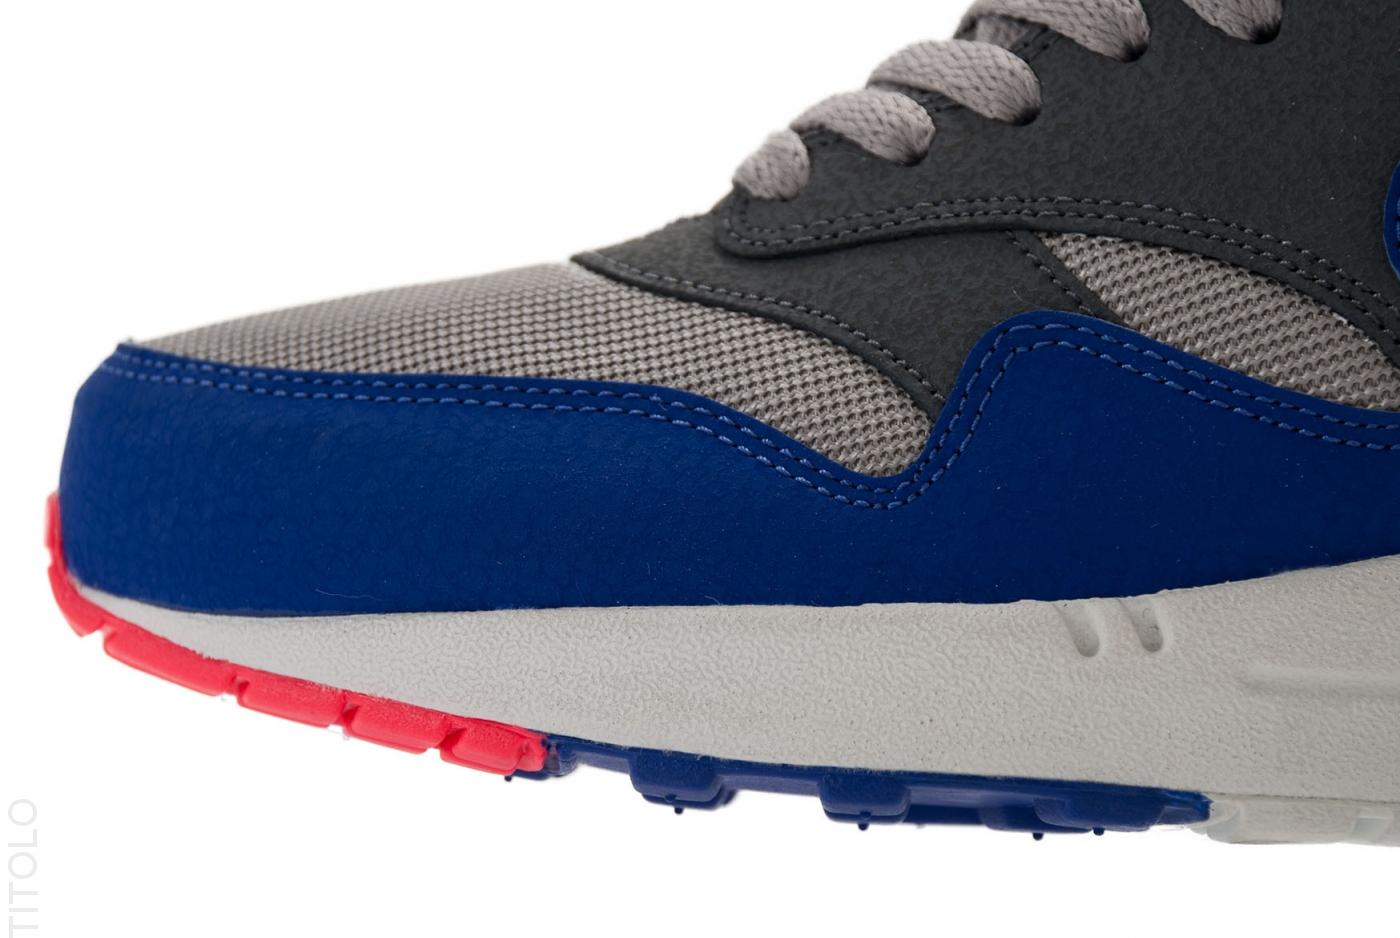 online retailer c4f31 677de Air 23 – Air Jordan Release Dates, Foamposite, Air Max, and More